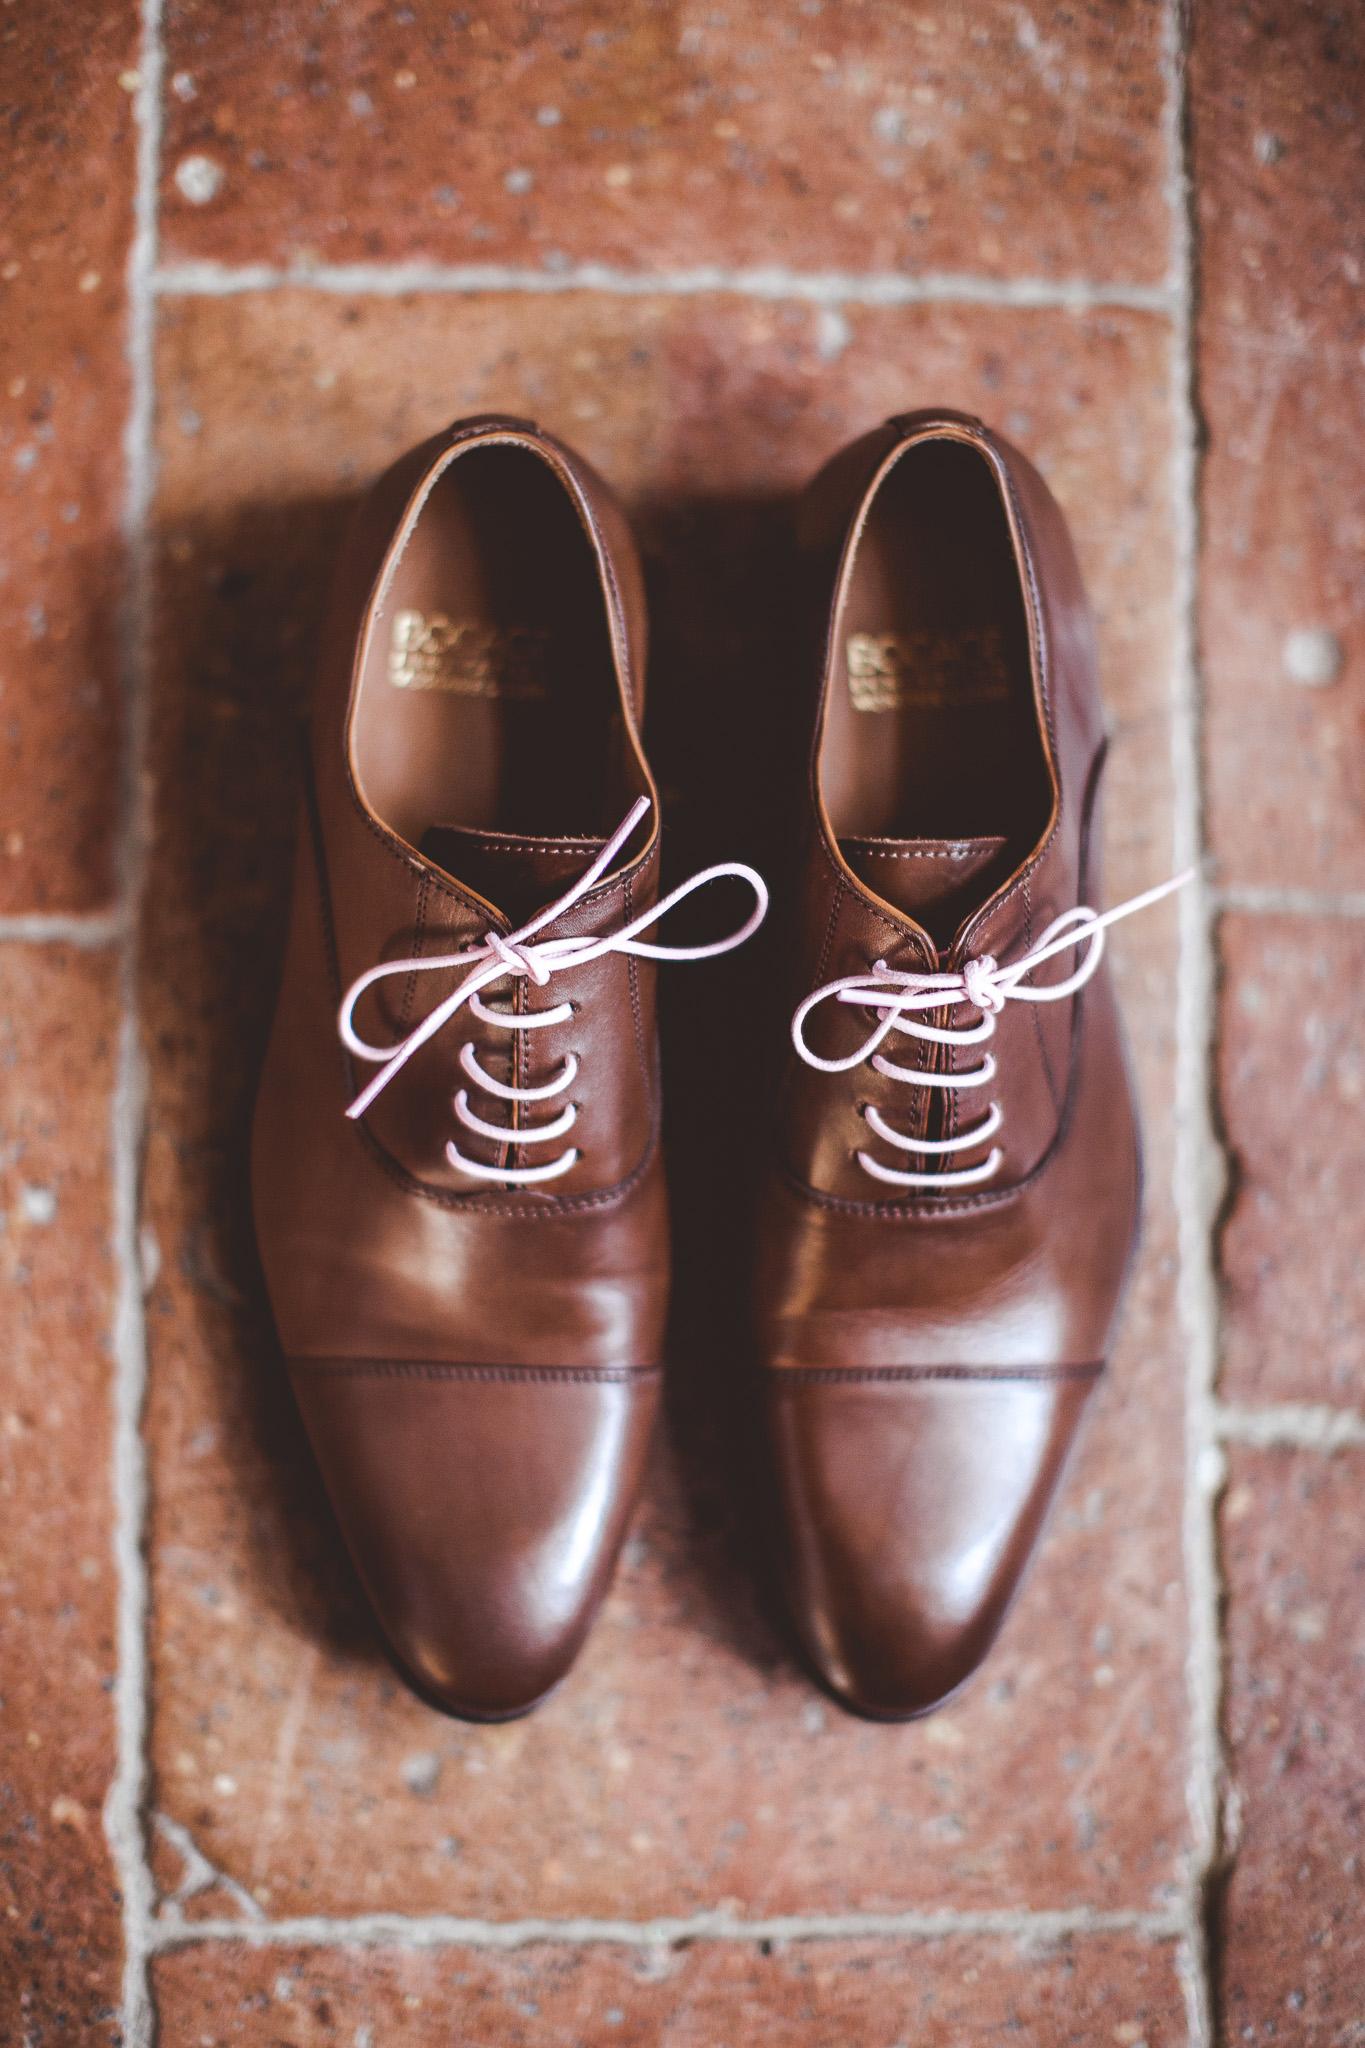 reportage mariage photo habillage preparatifs chaussures details le marie chateau lauanc